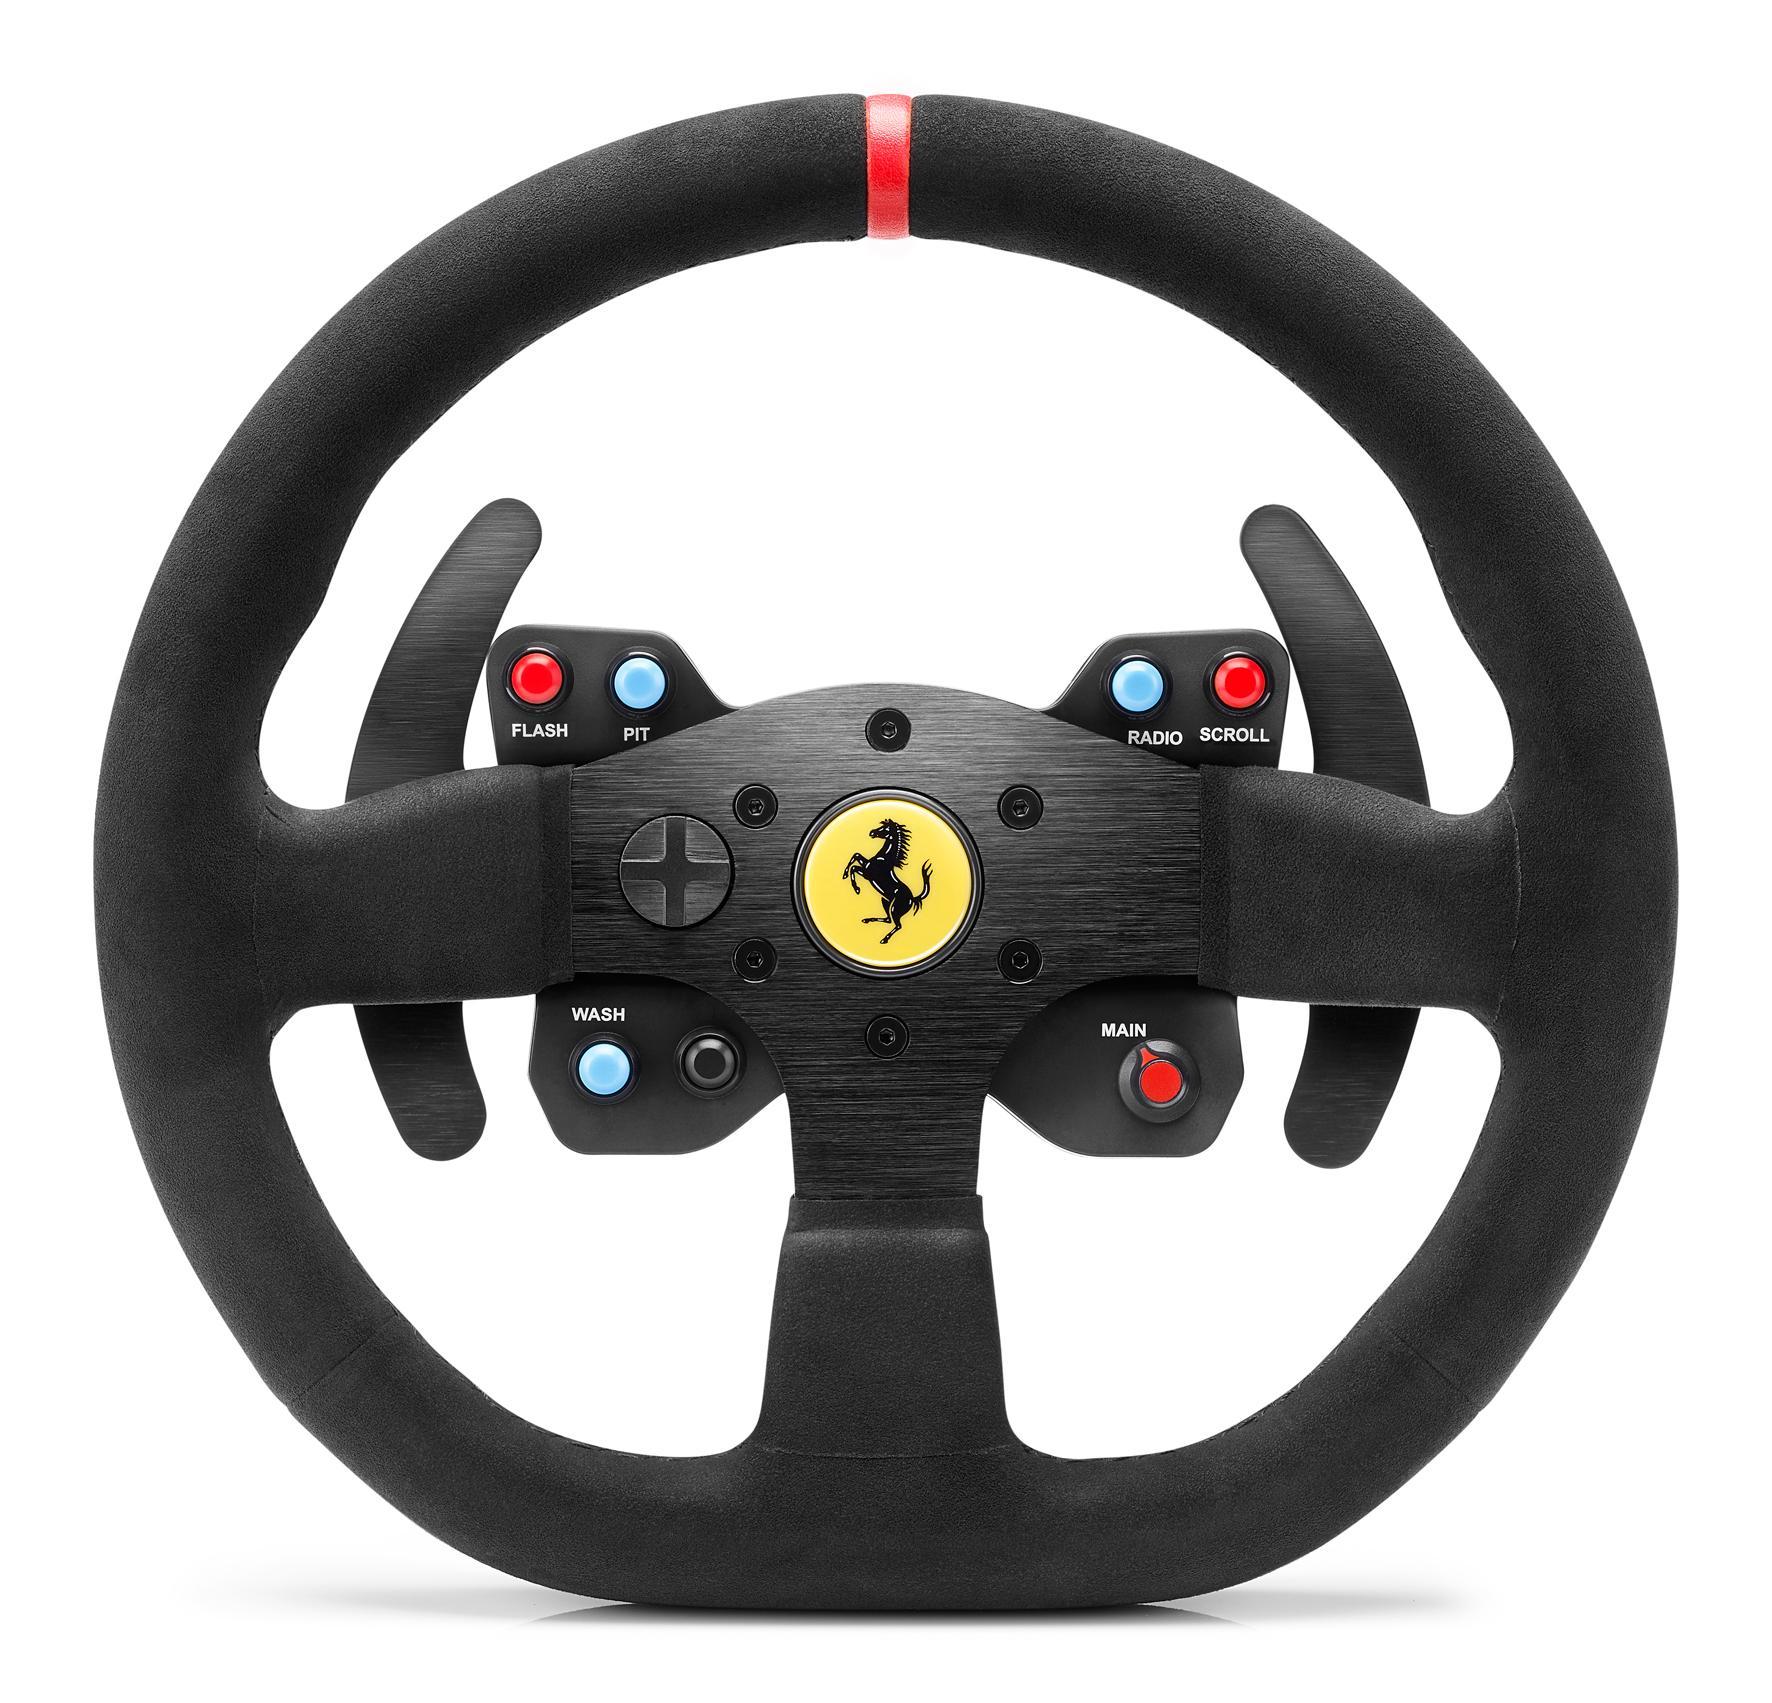 thrustmaster volant t300 ferrari integral racing wheel alcantara edition r plique de la. Black Bedroom Furniture Sets. Home Design Ideas